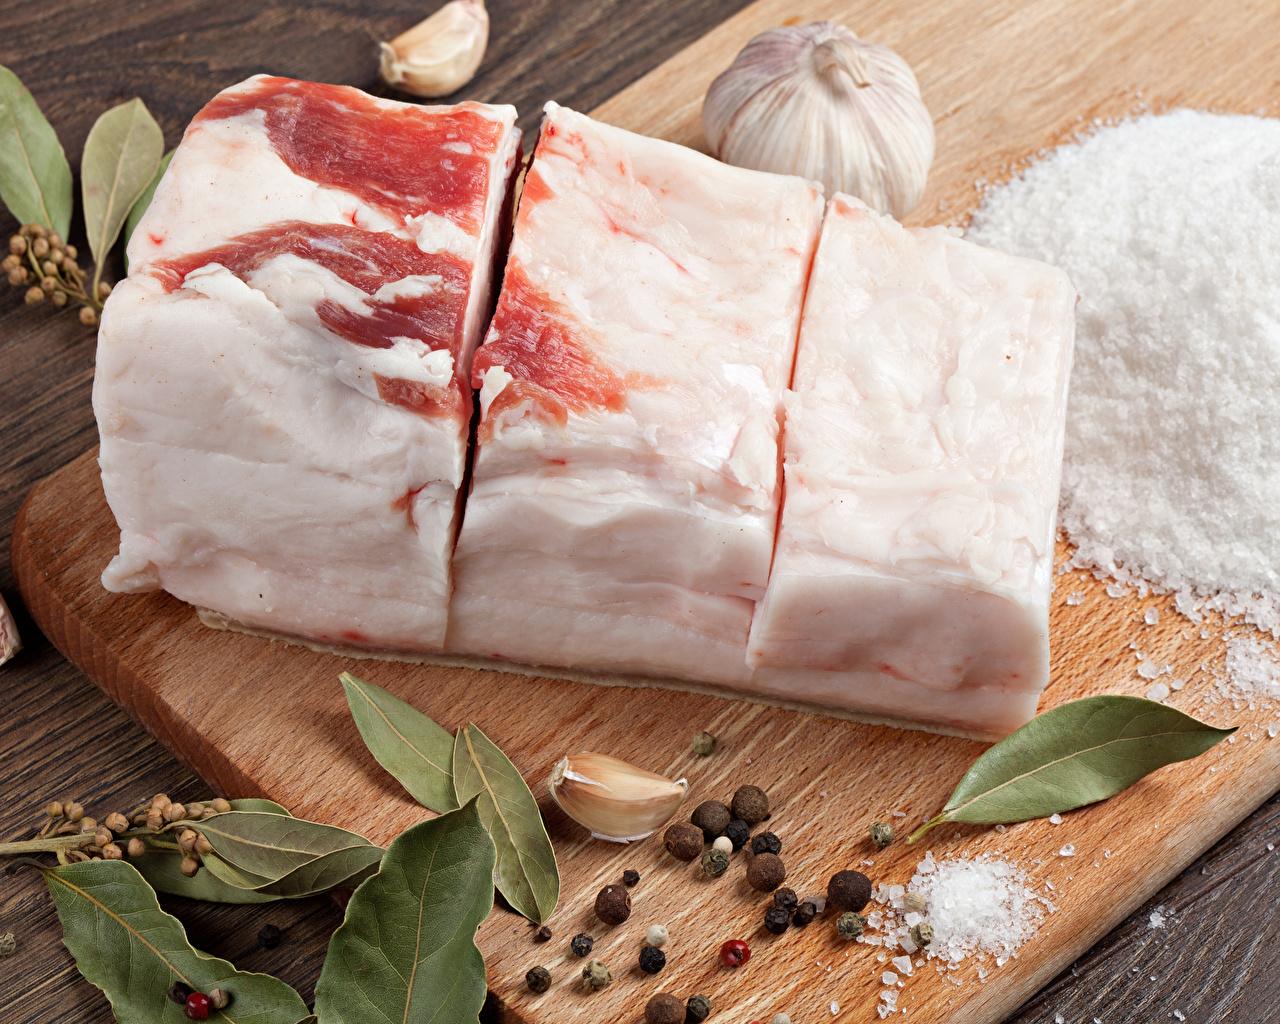 Картинка салом Перец чёрный соли Чеснок Специи Продукты питания Разделочная доска Сало Соль солью Еда Пища пряности приправы